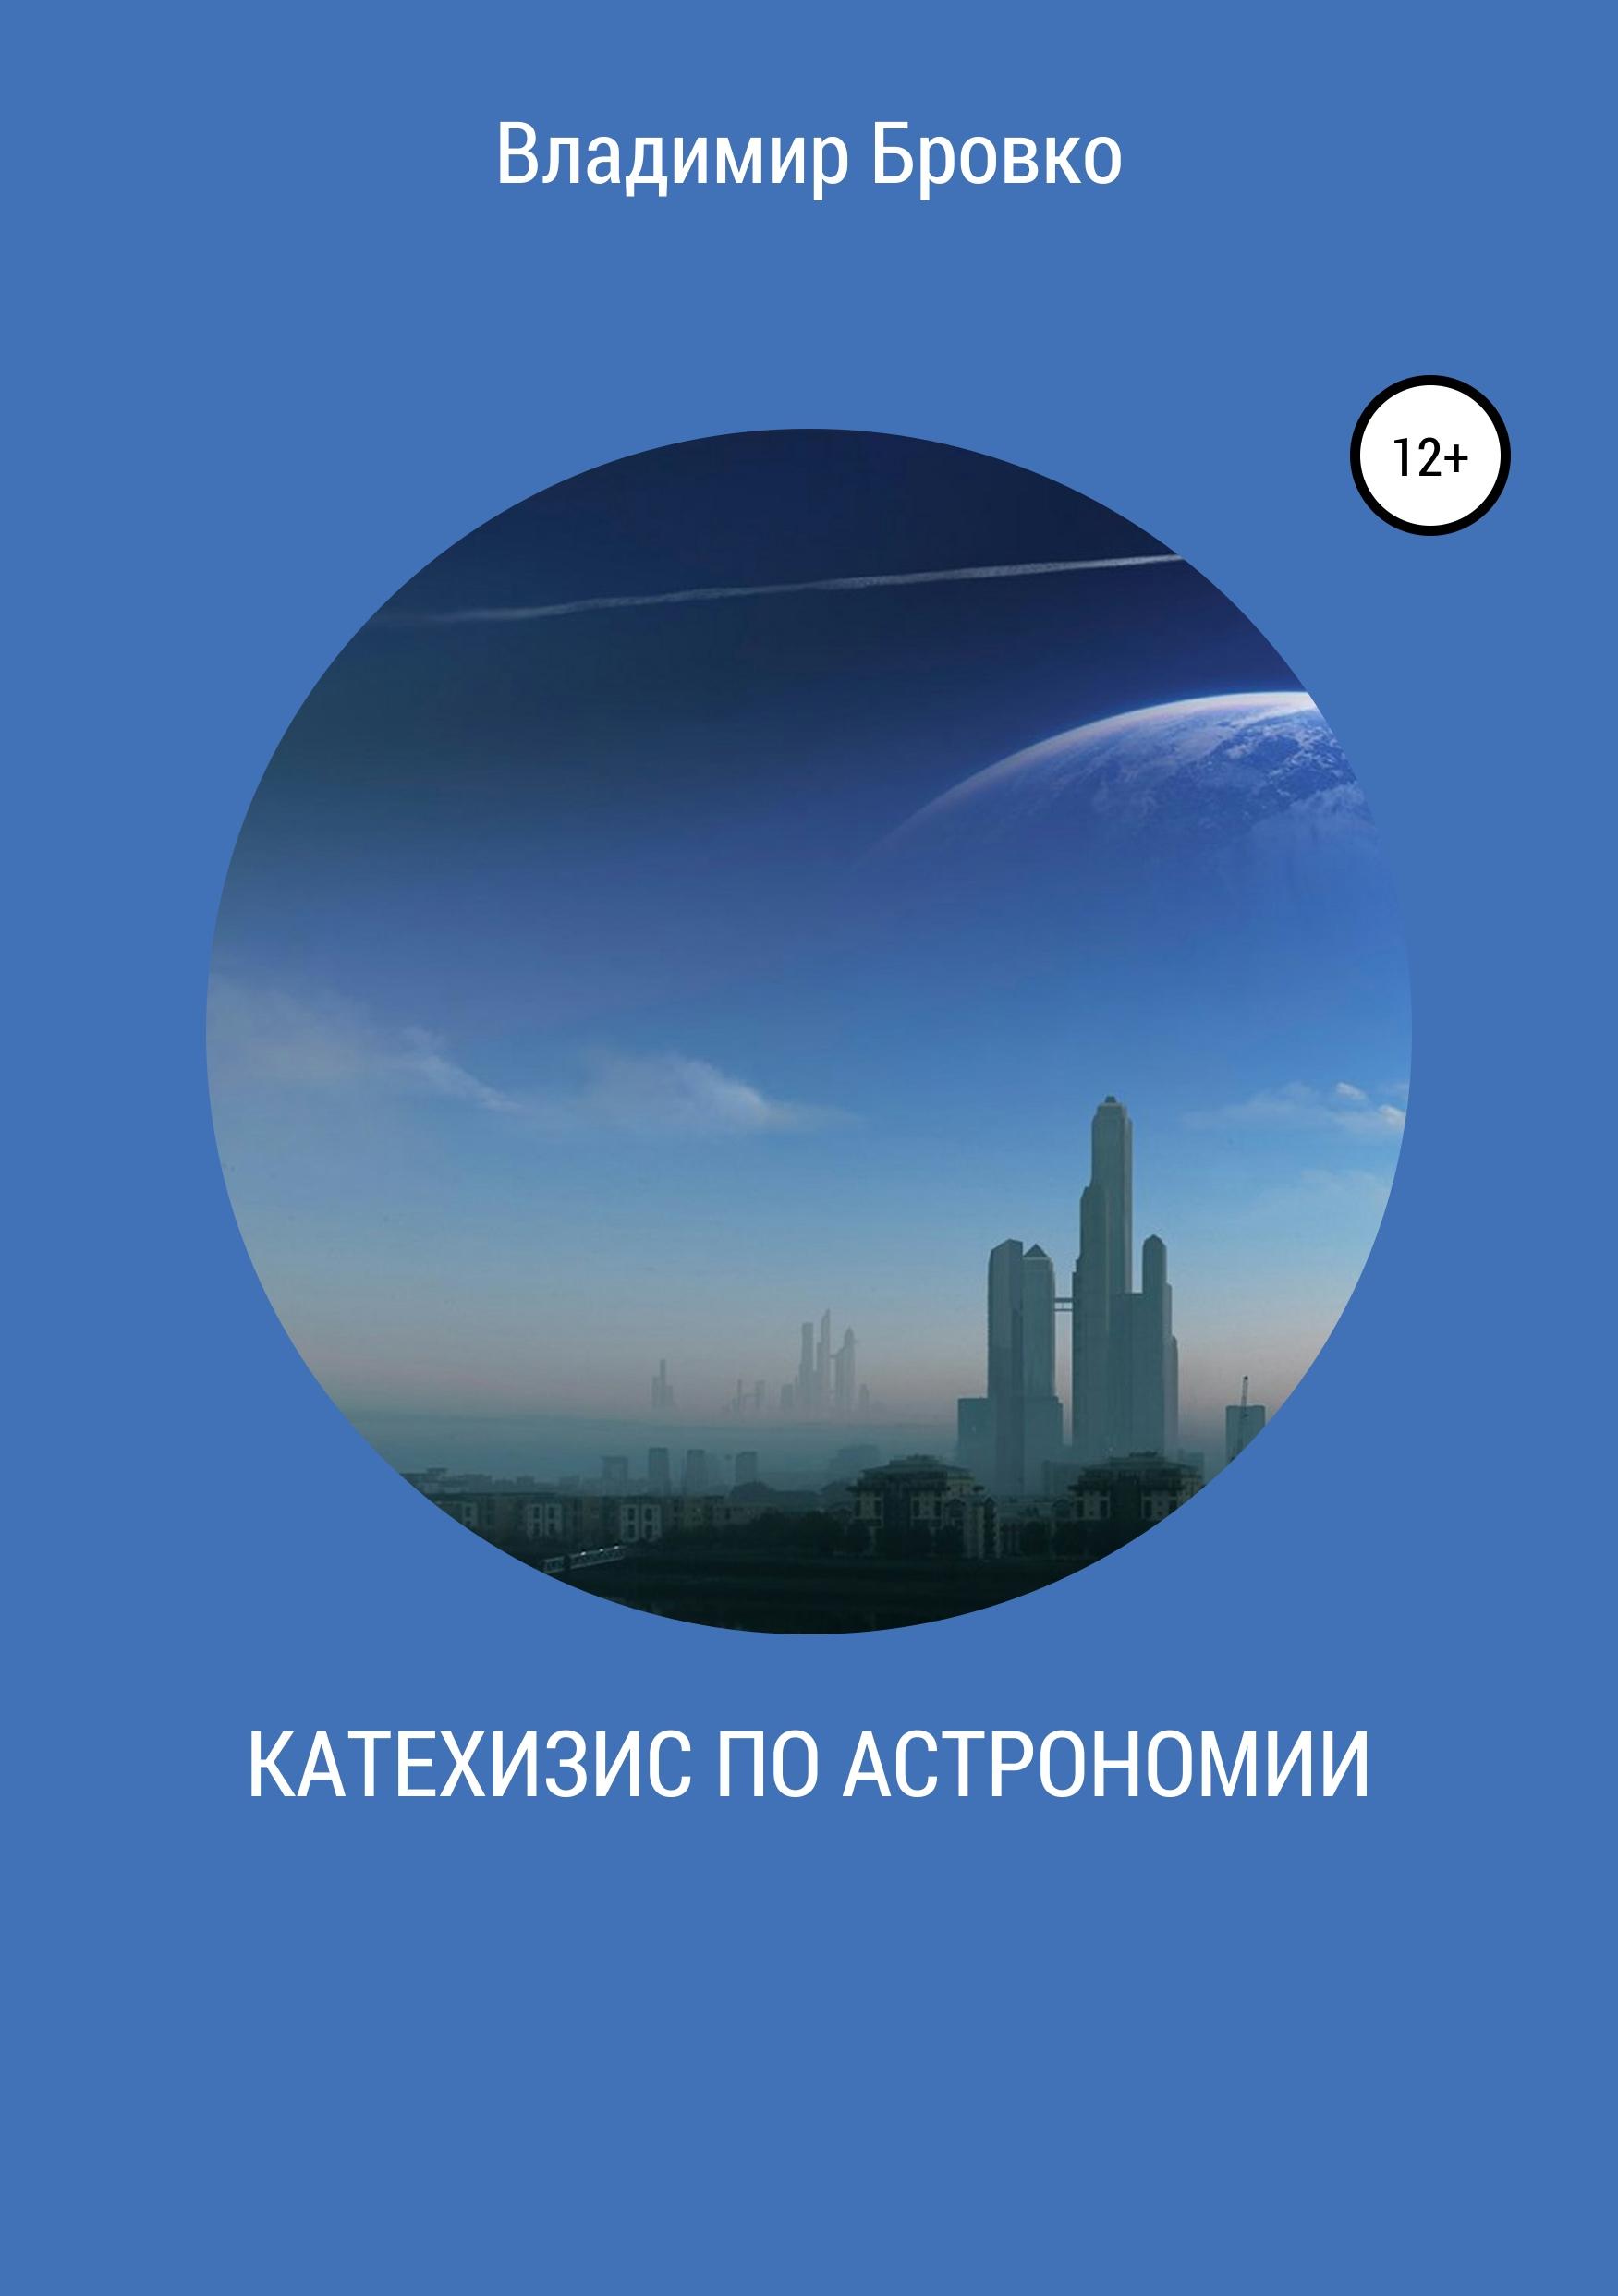 Катехизис по астрономии